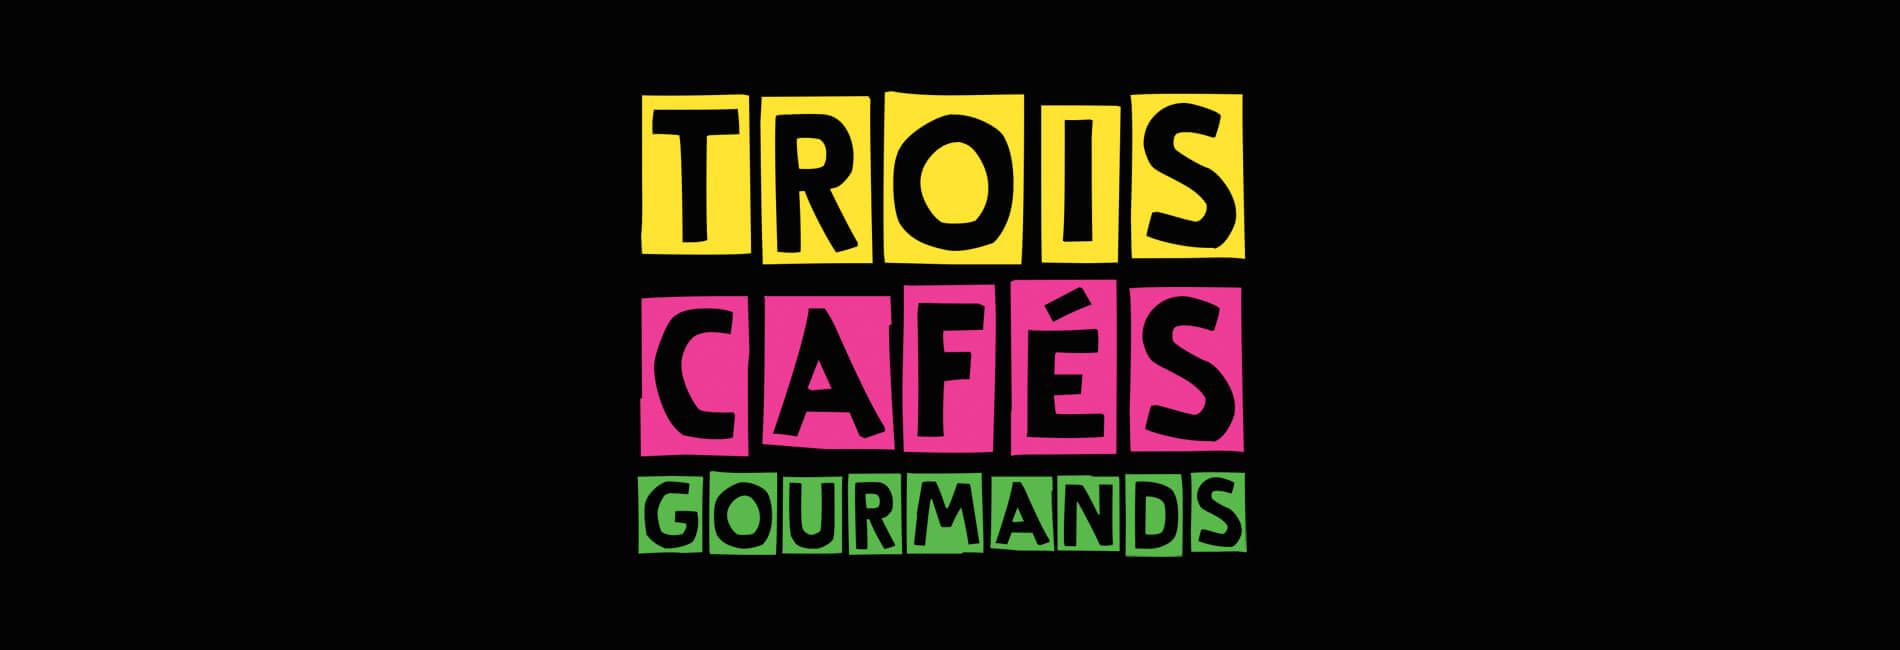 TROIS CAFES GOURMANDS_chien a plumes